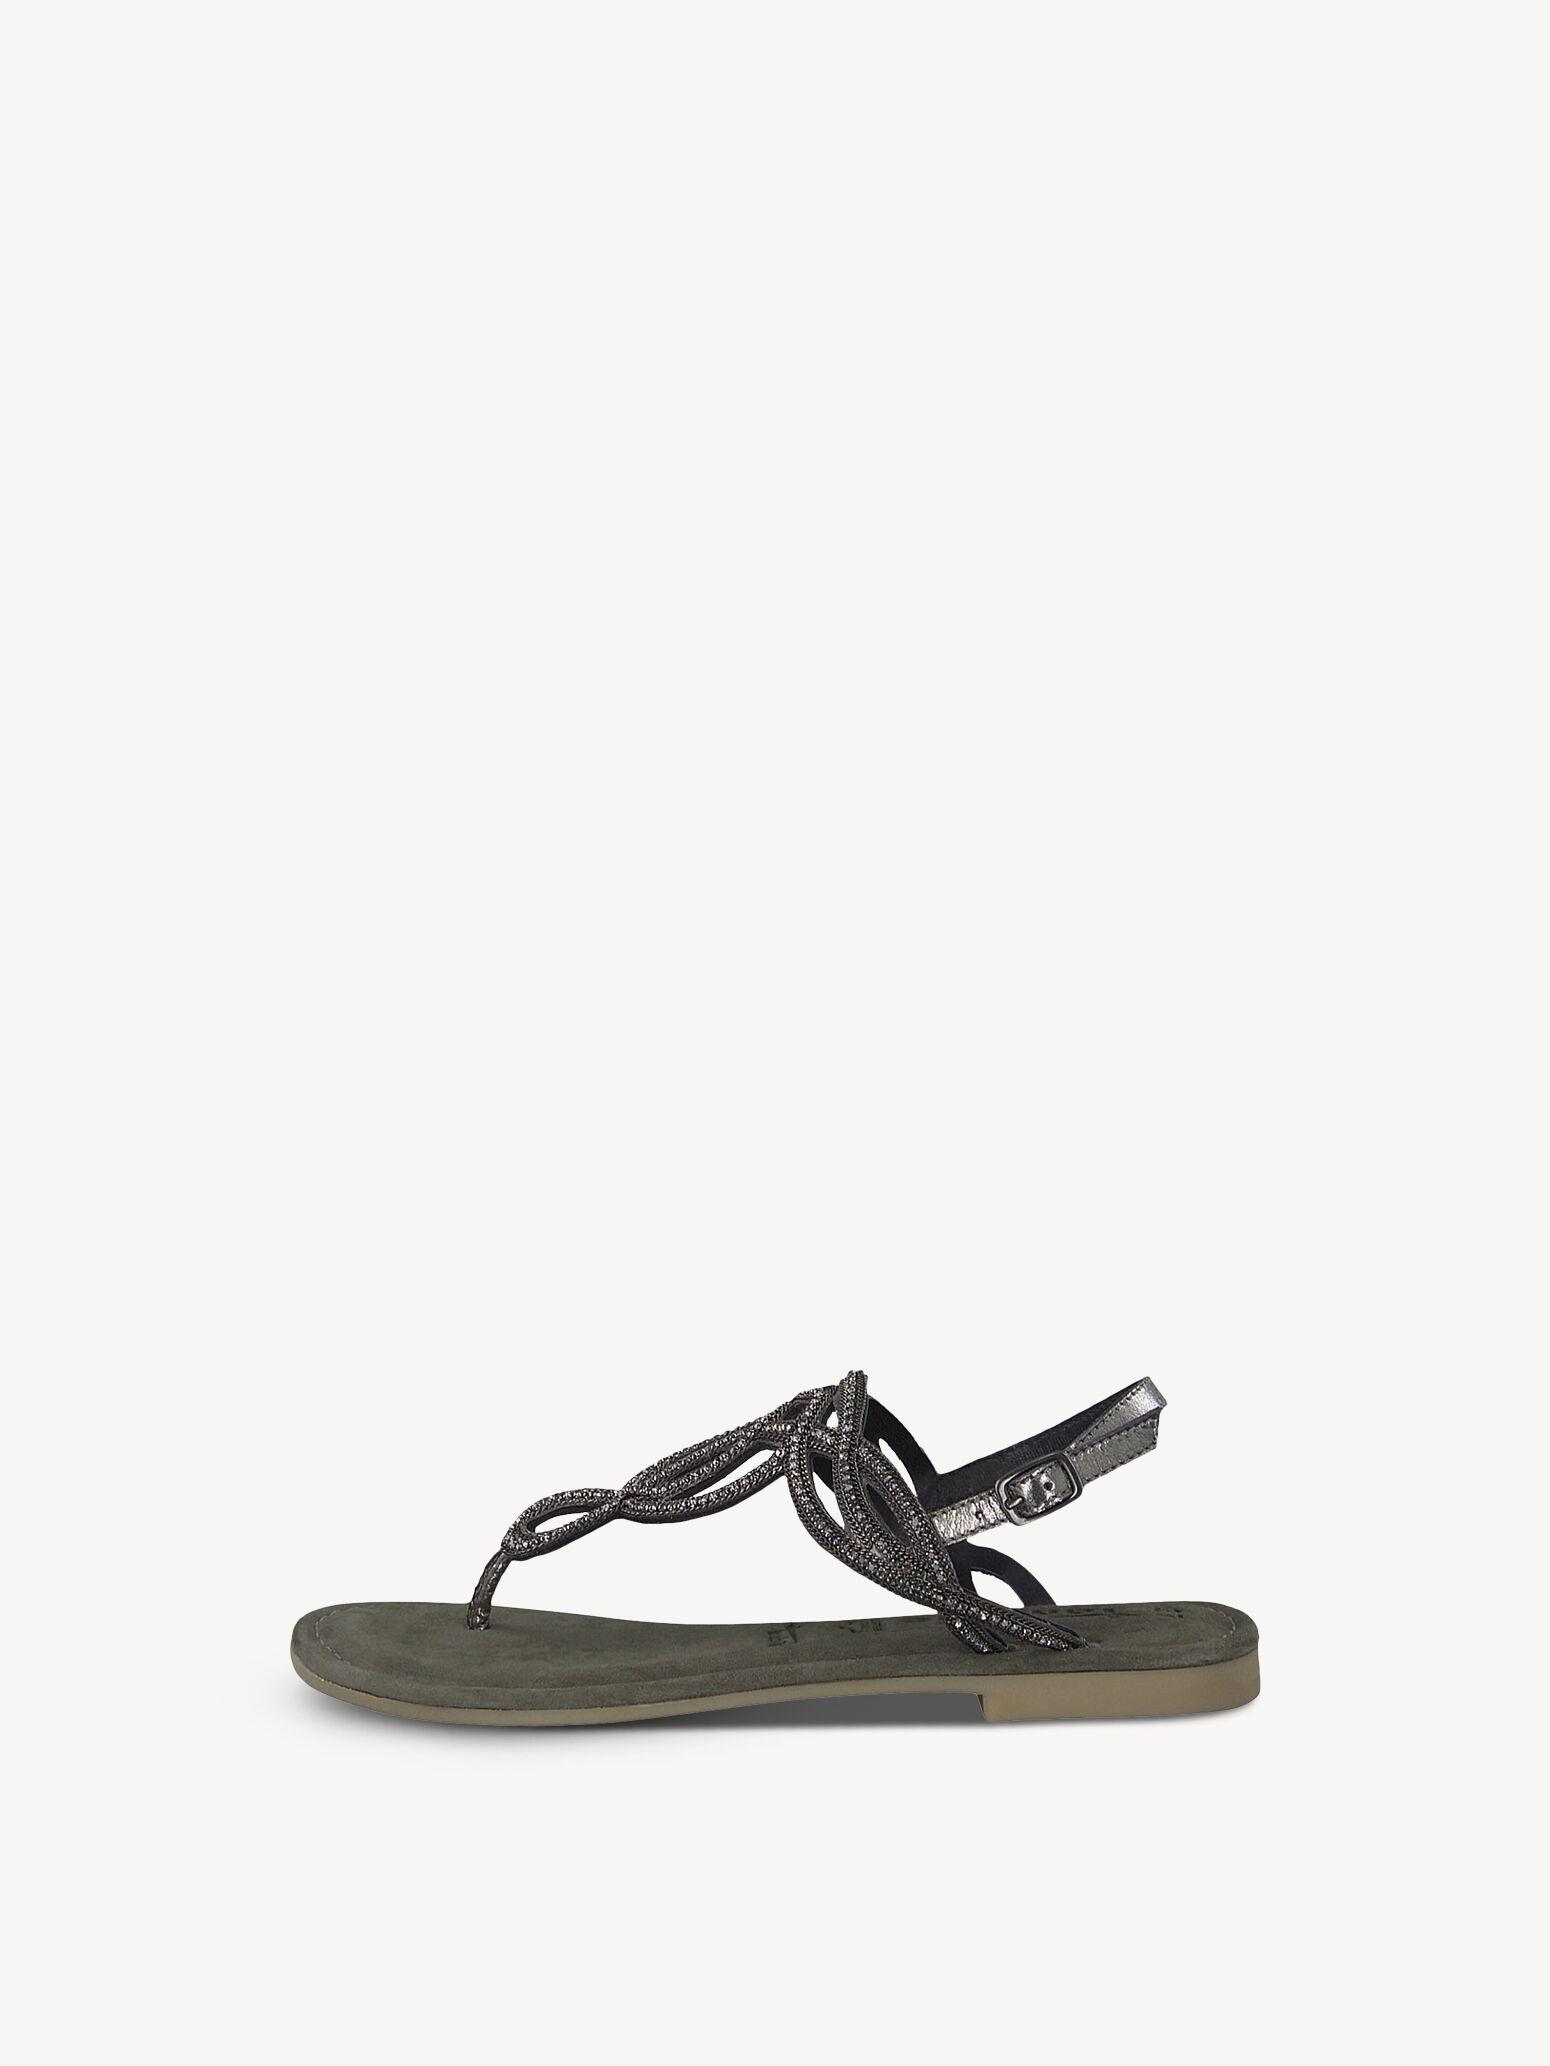 Einkaufen Tamaris Zehentrenner schwarz Damenschuhe